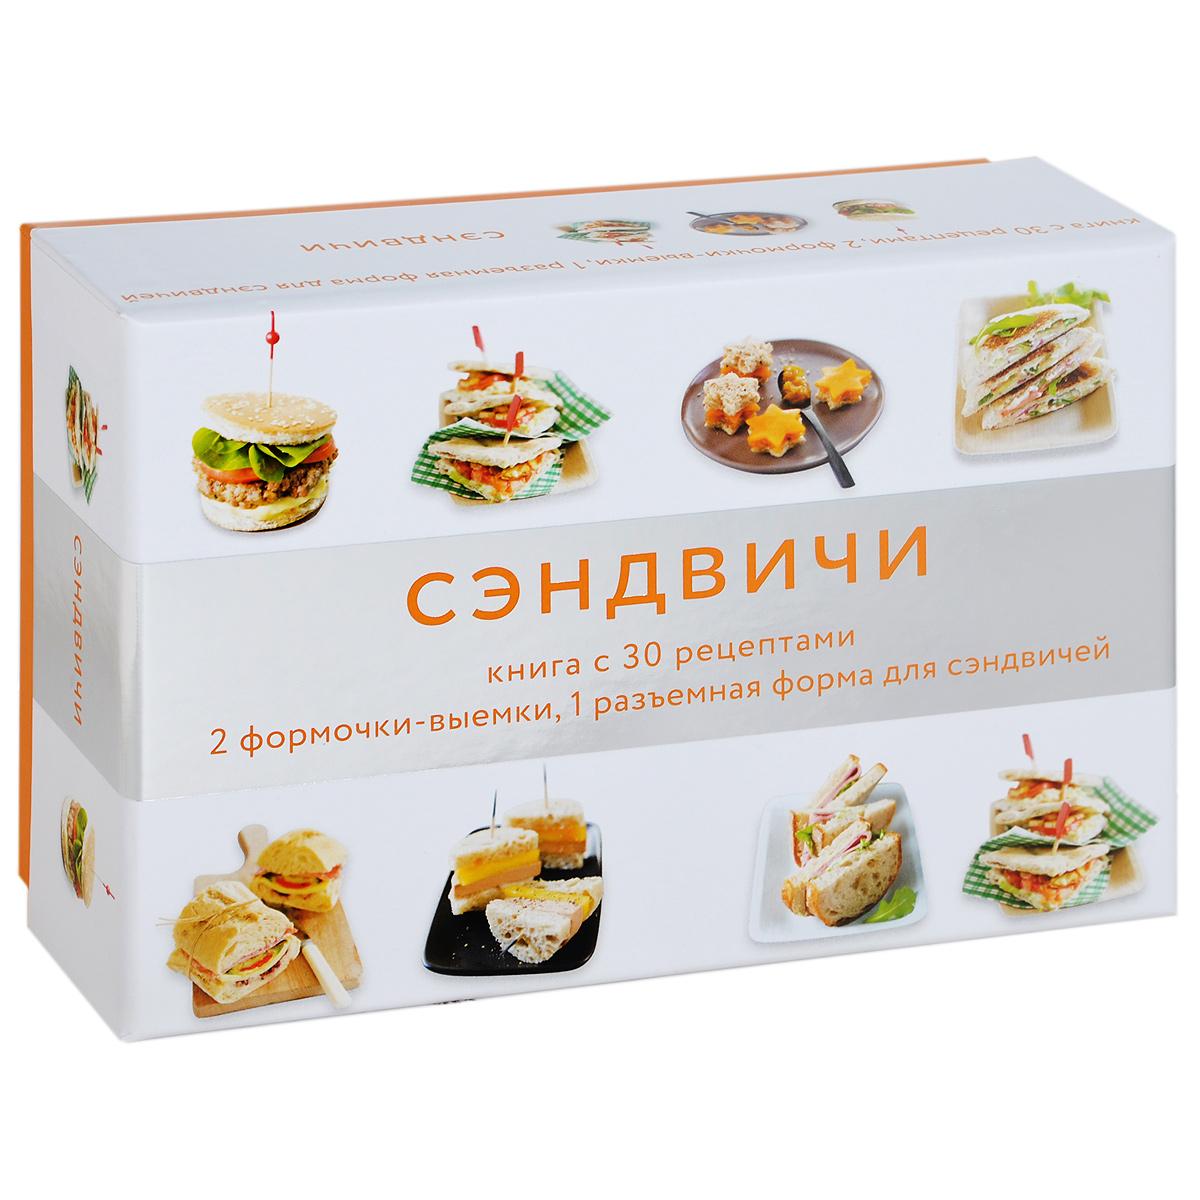 Мелани Мартен Сэндвичи (книга + набор для приготовления сэндвичей) мартен люган